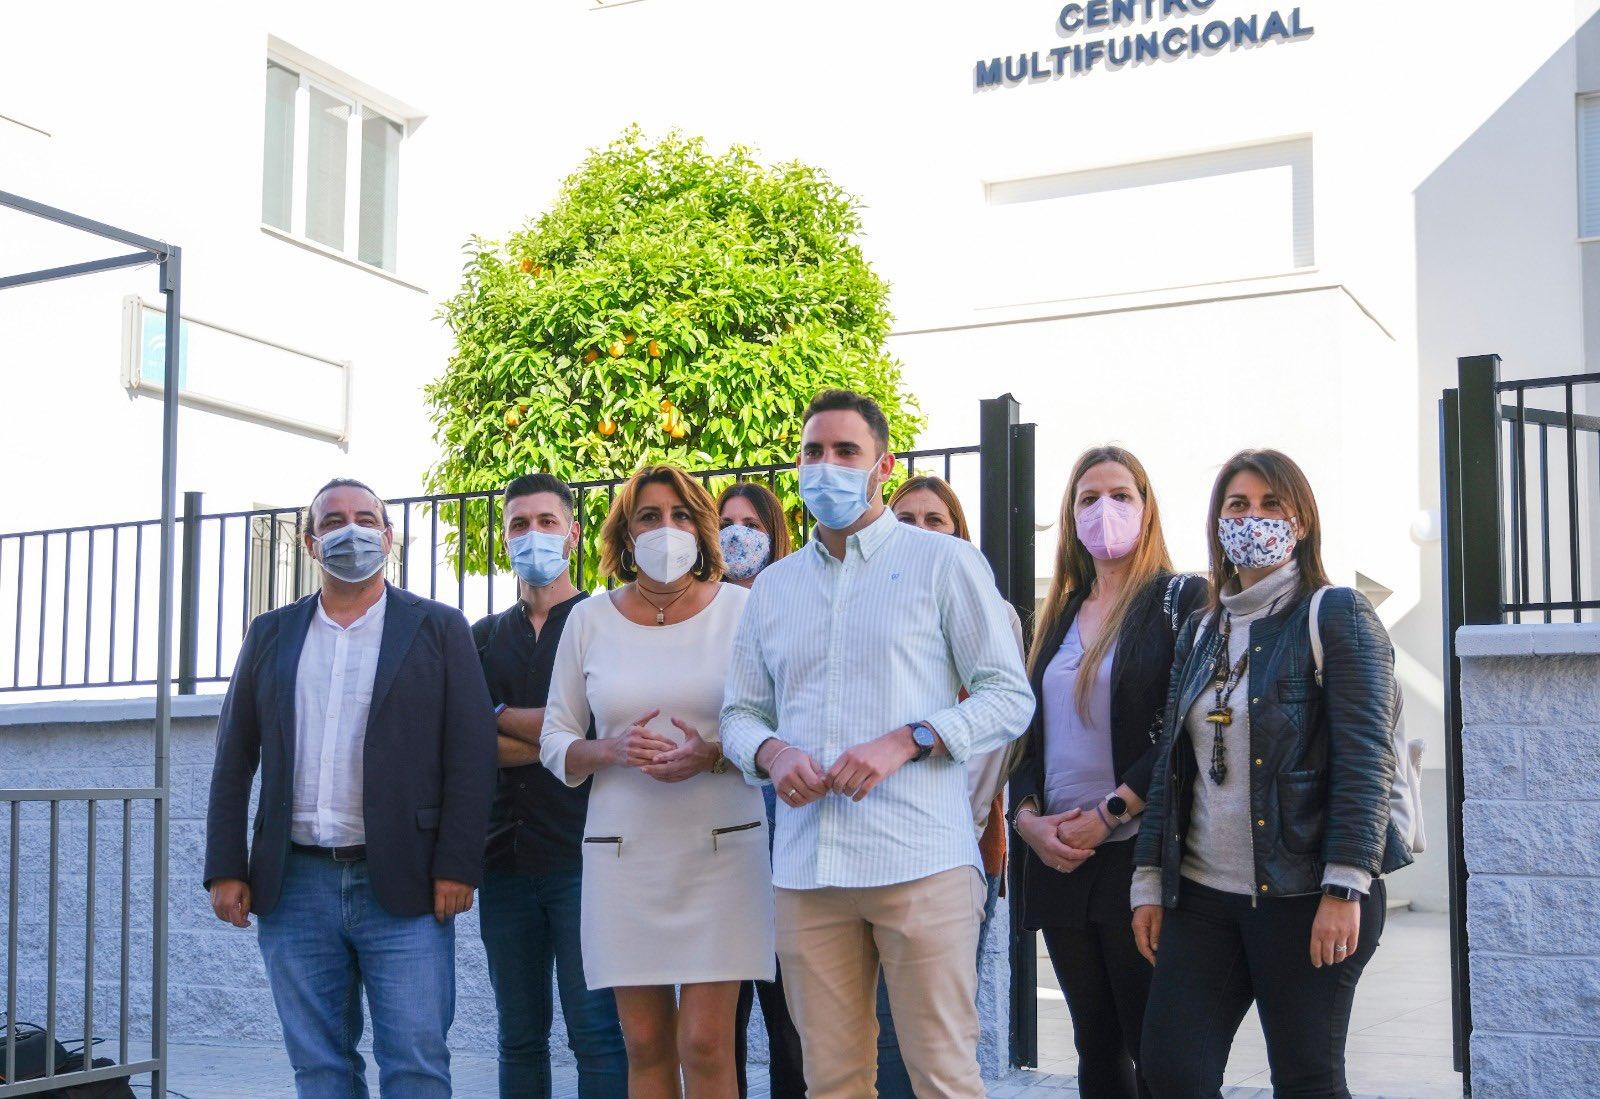 Susana Díaz urge a la Junta a abrir el consultorio médico de Híjar «cerrado en plena pandemia»